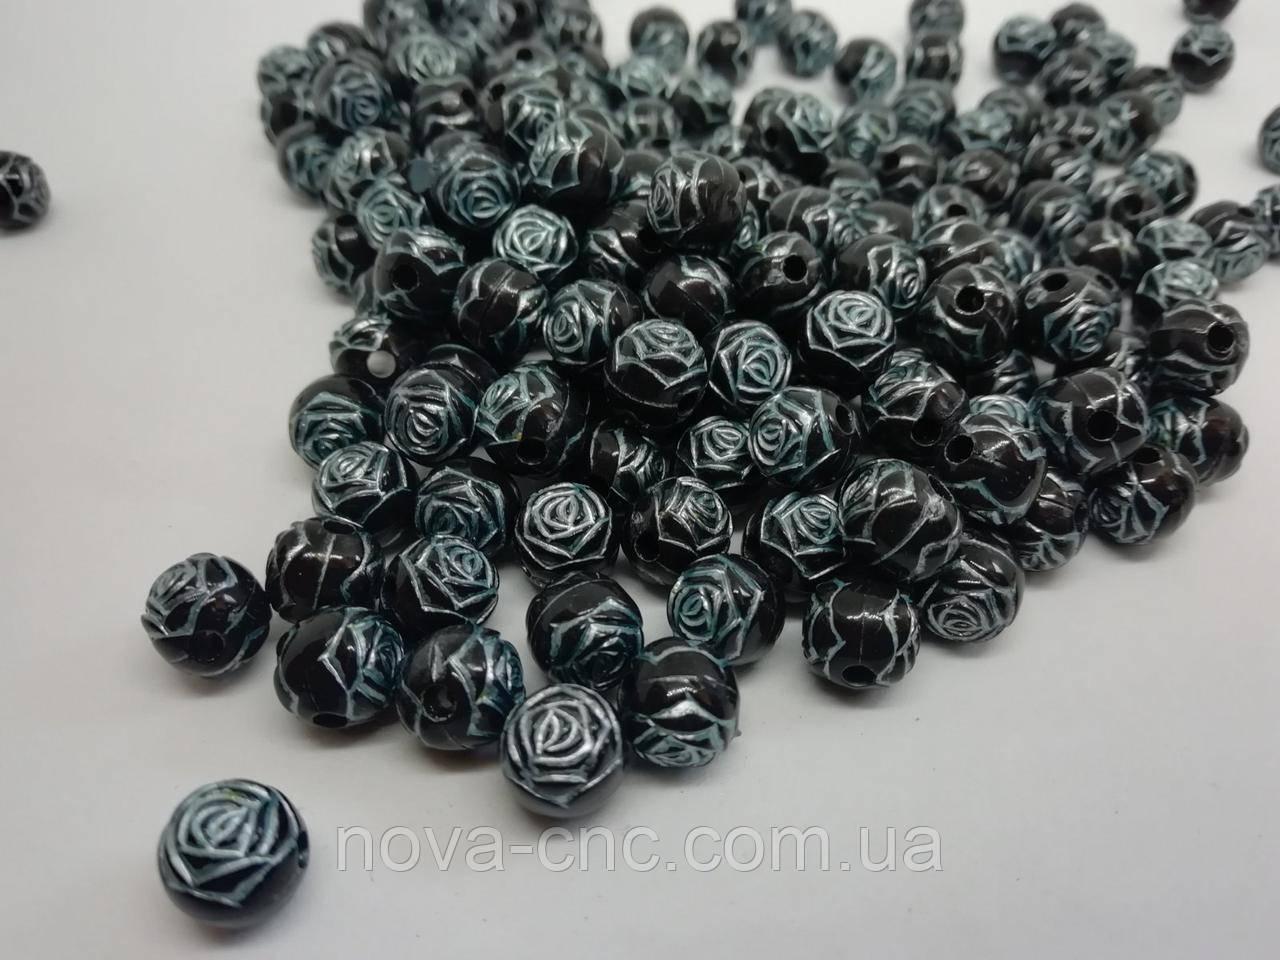 """Бусины пластик """"Роза"""" черный с серебром 10 мм 500 грамм"""